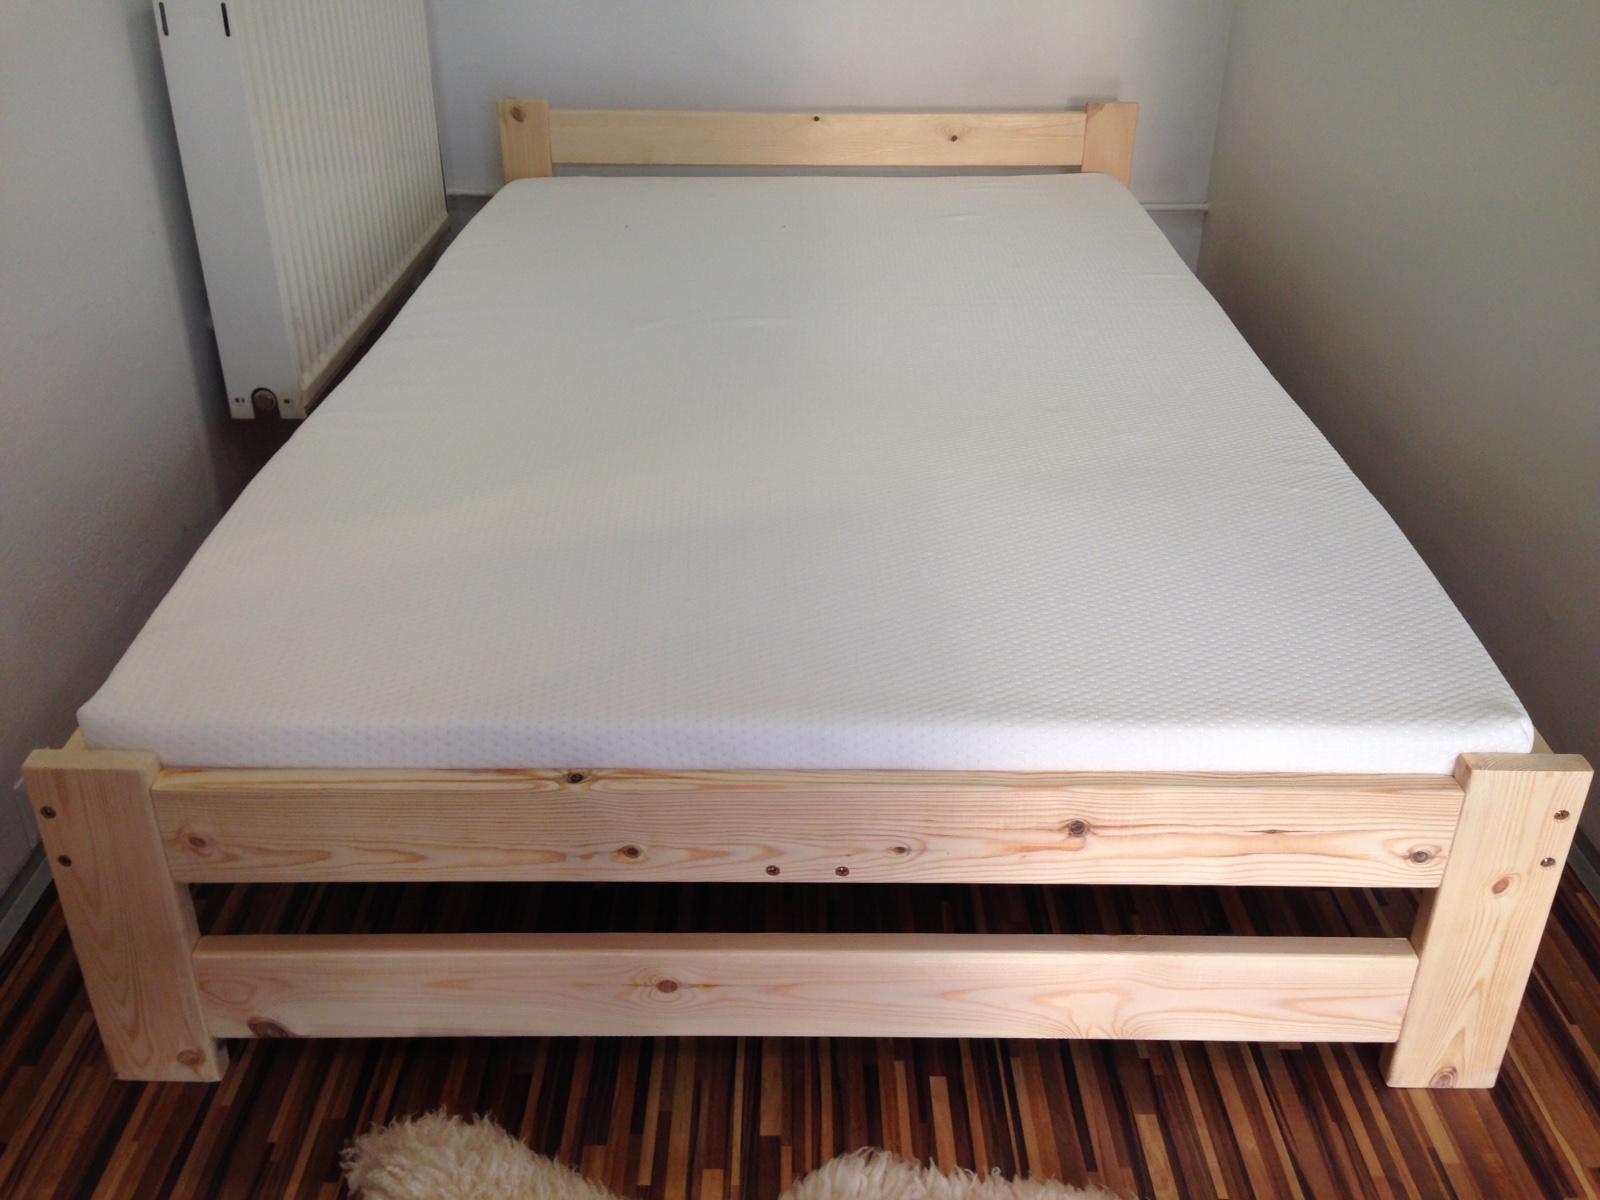 łóżko Drewniane Sosnowe 160x200 Producent Stelaż